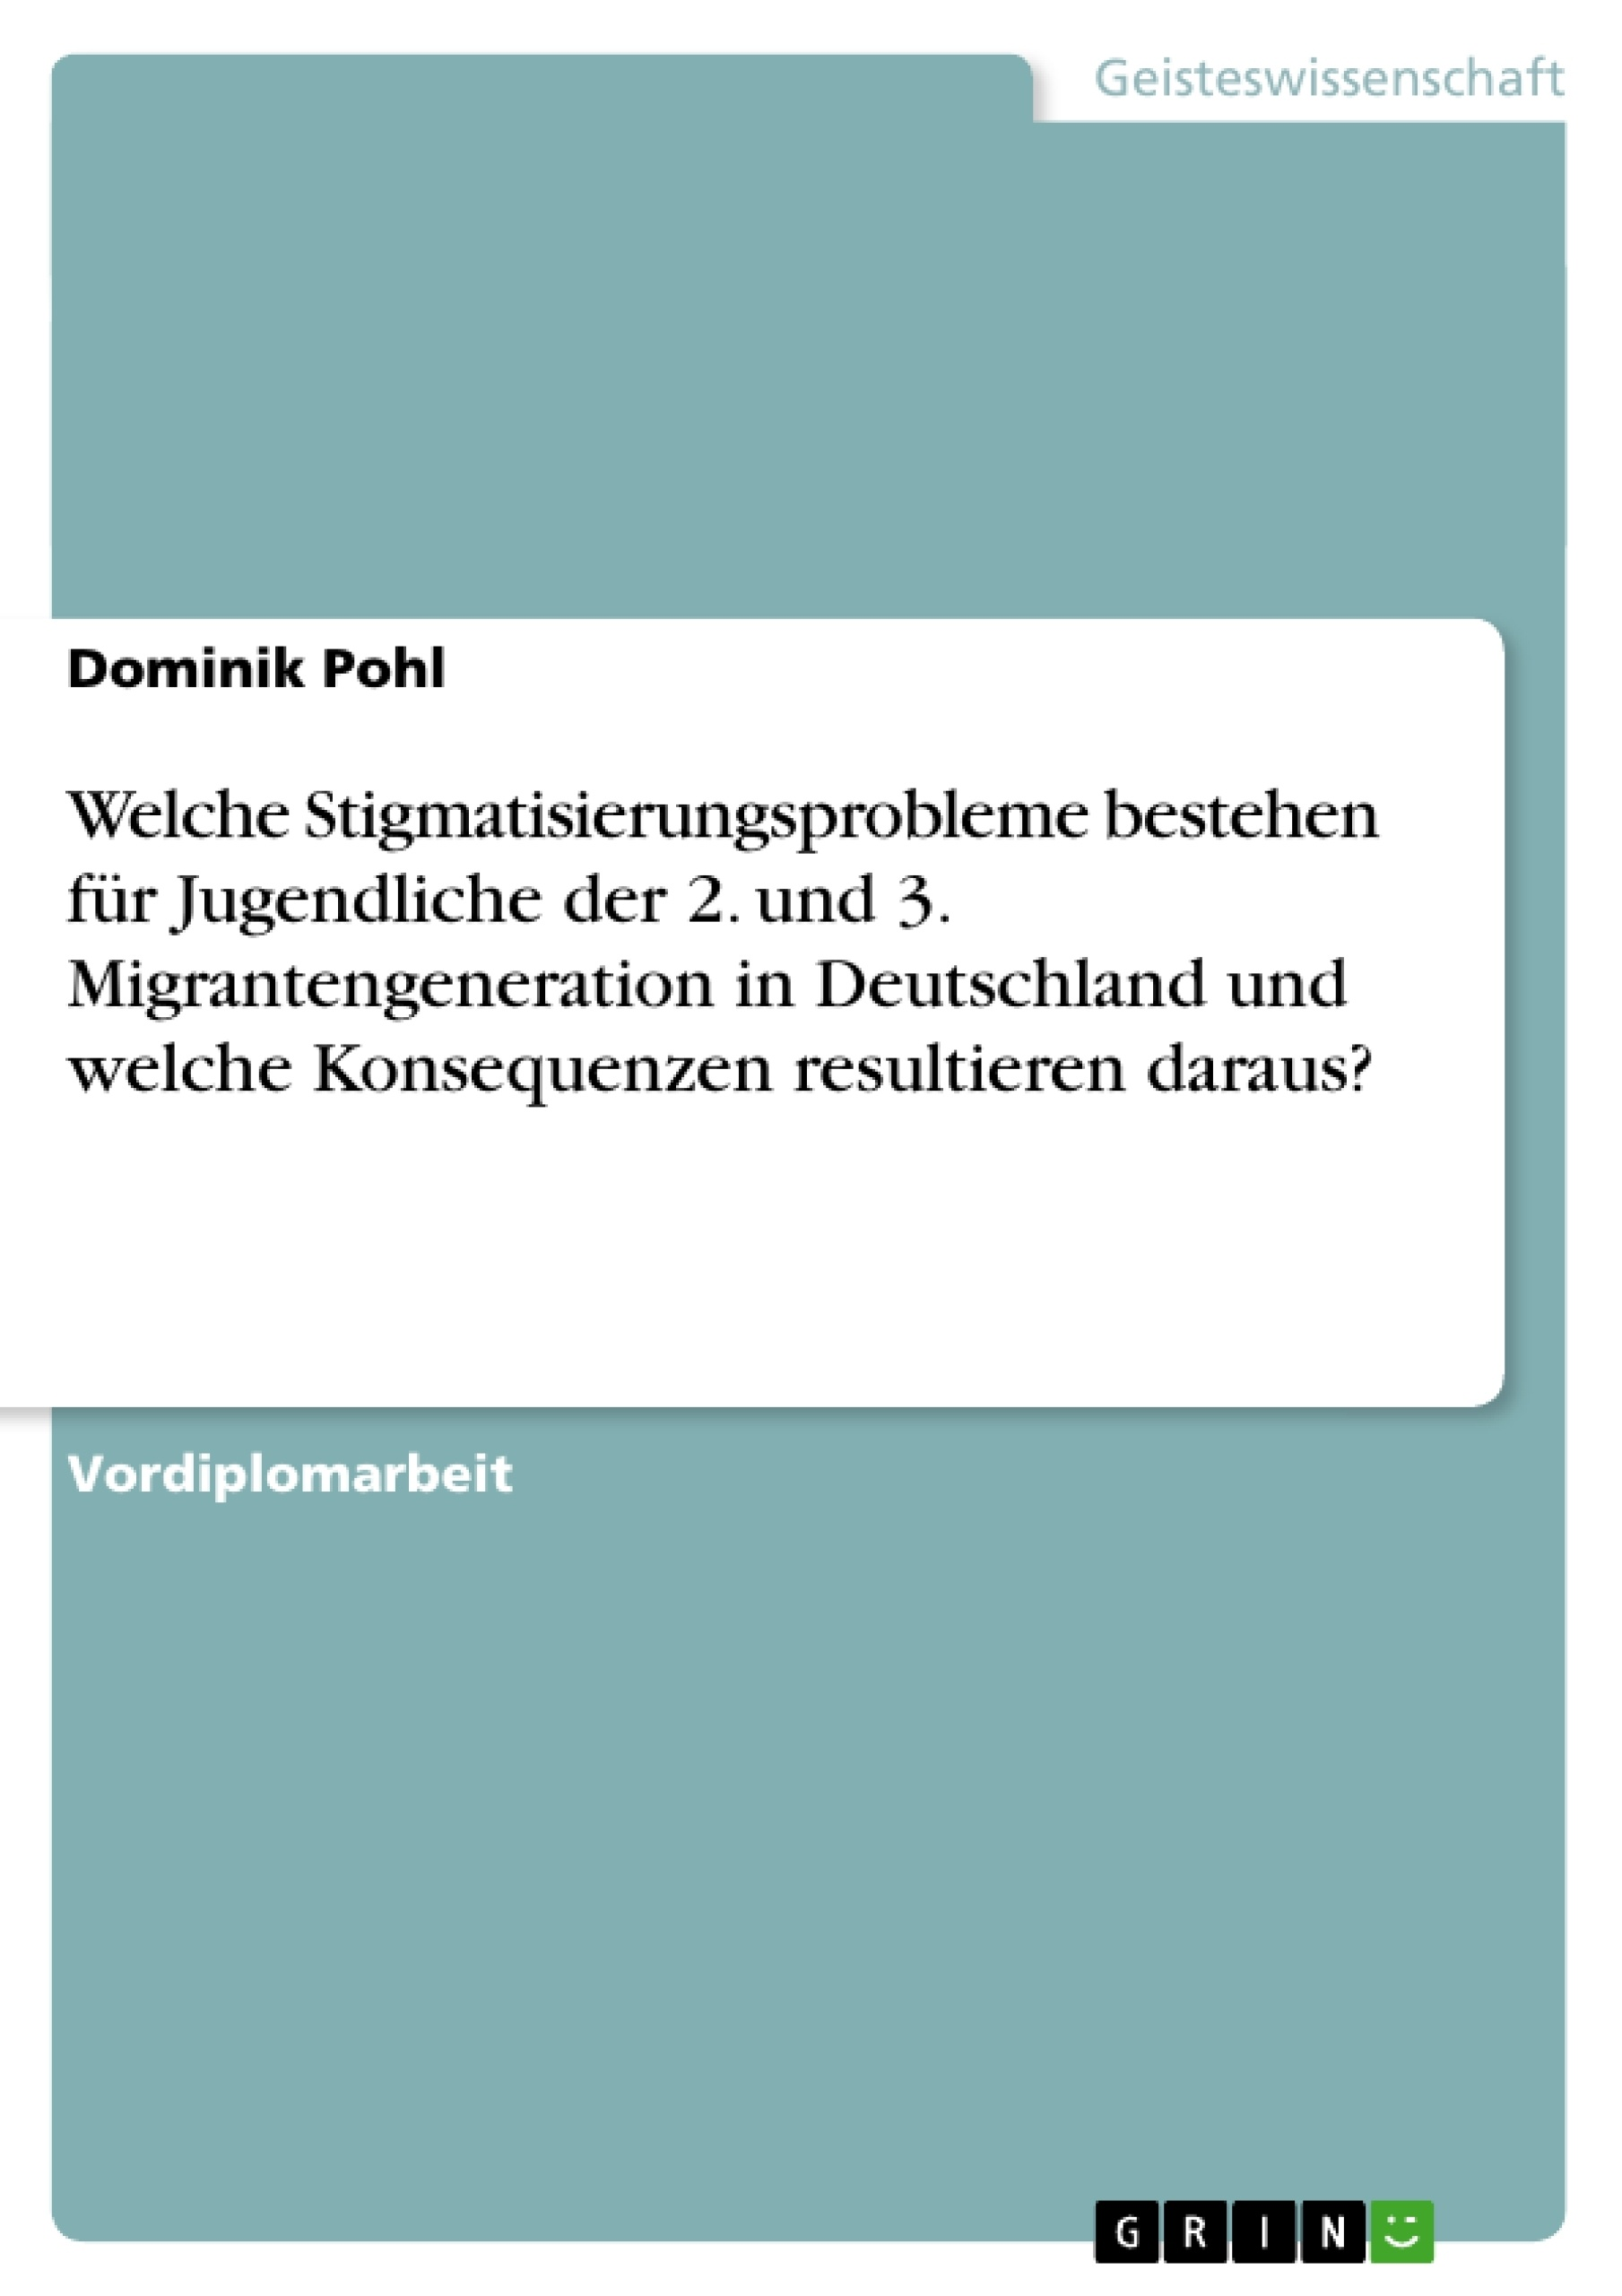 Titel: Welche Stigmatisierungsprobleme bestehen für Jugendliche der 2. und 3. Migrantengeneration in Deutschland und welche Konsequenzen resultieren daraus?